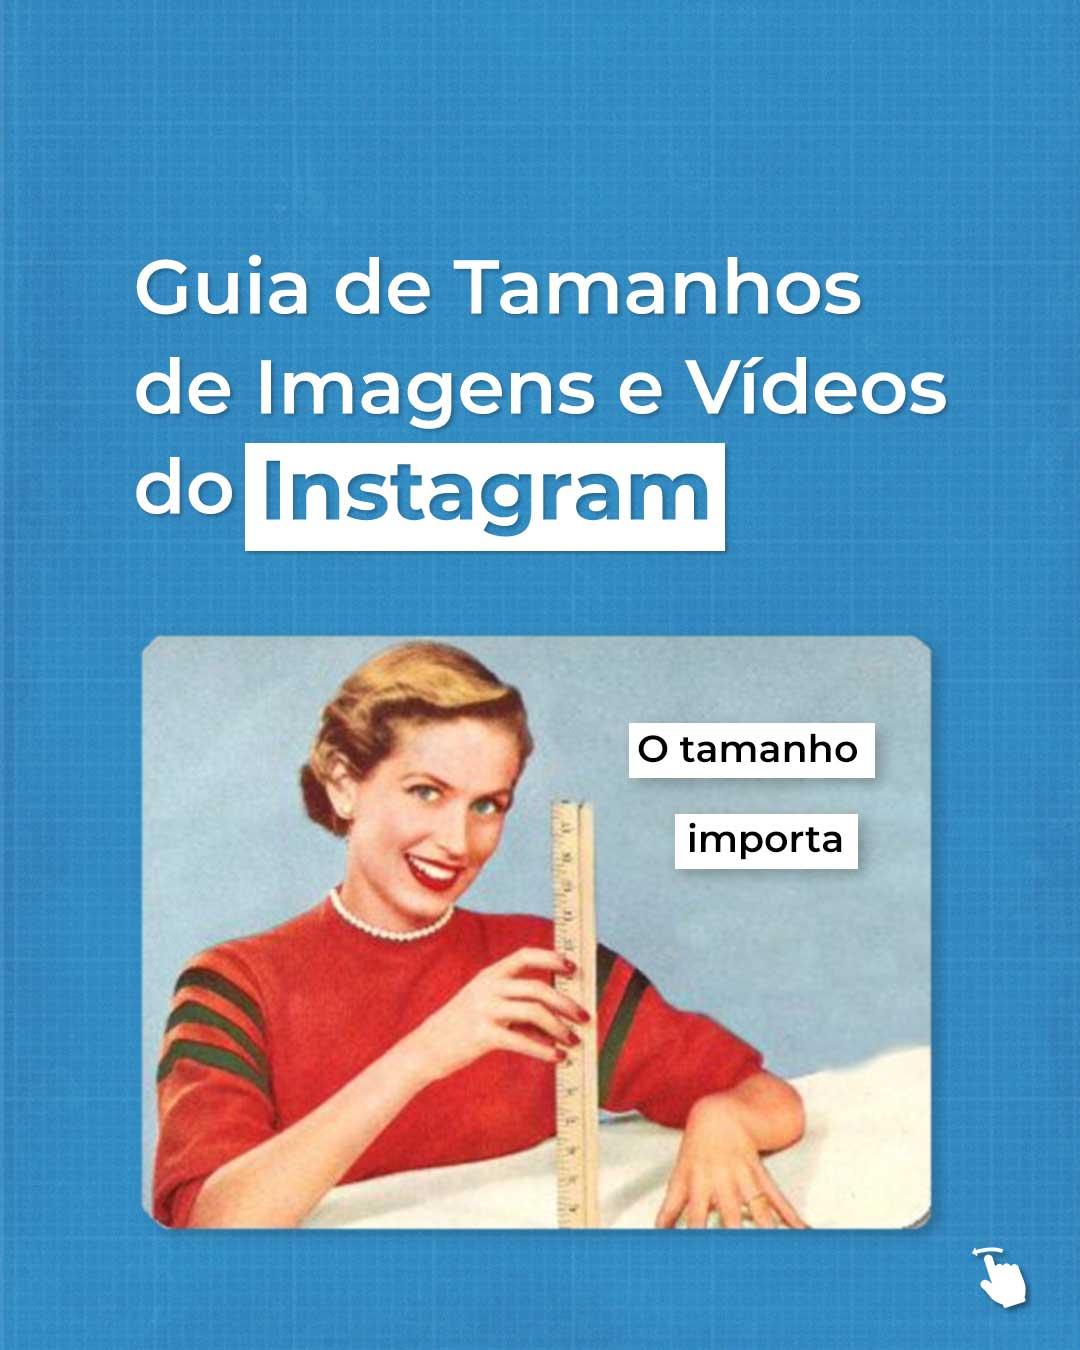 tamanhos de imagens e videos no Instagram